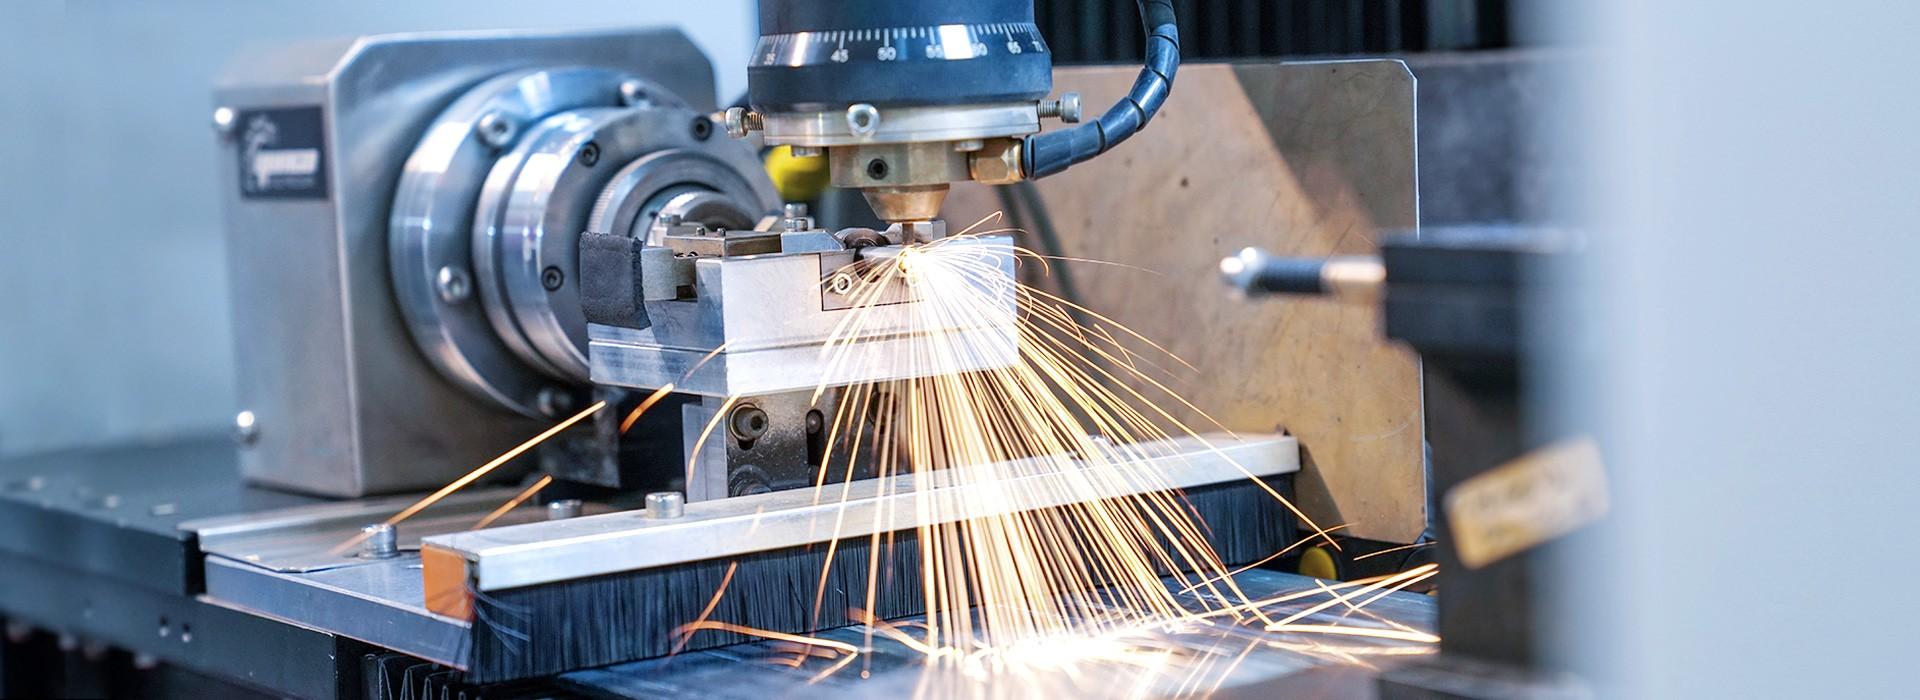 Fiber машина за лазерно маркиране